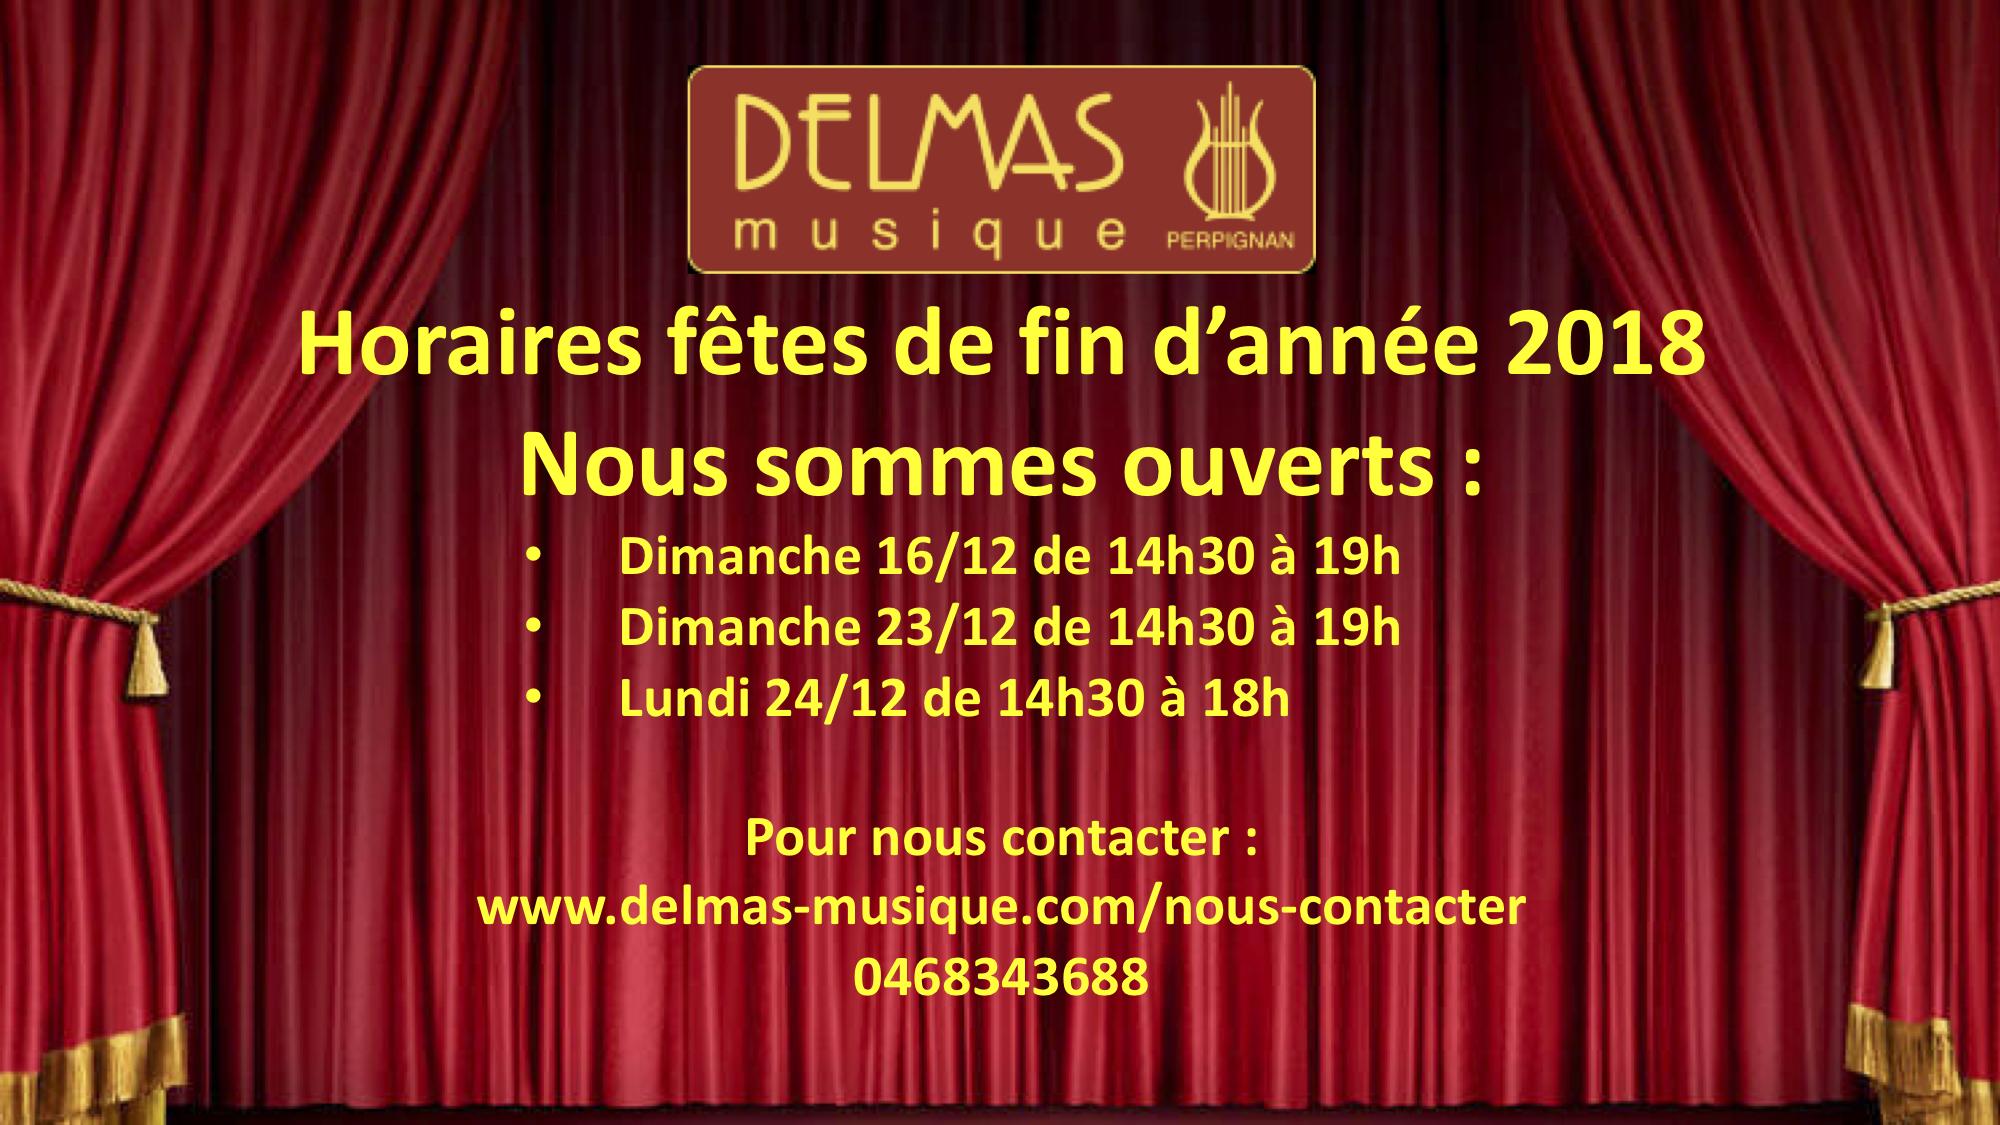 Delmas Musique COngésDELMAS-fin-2018 Ouvertures spéciales pour les fêtes de d'année 2018